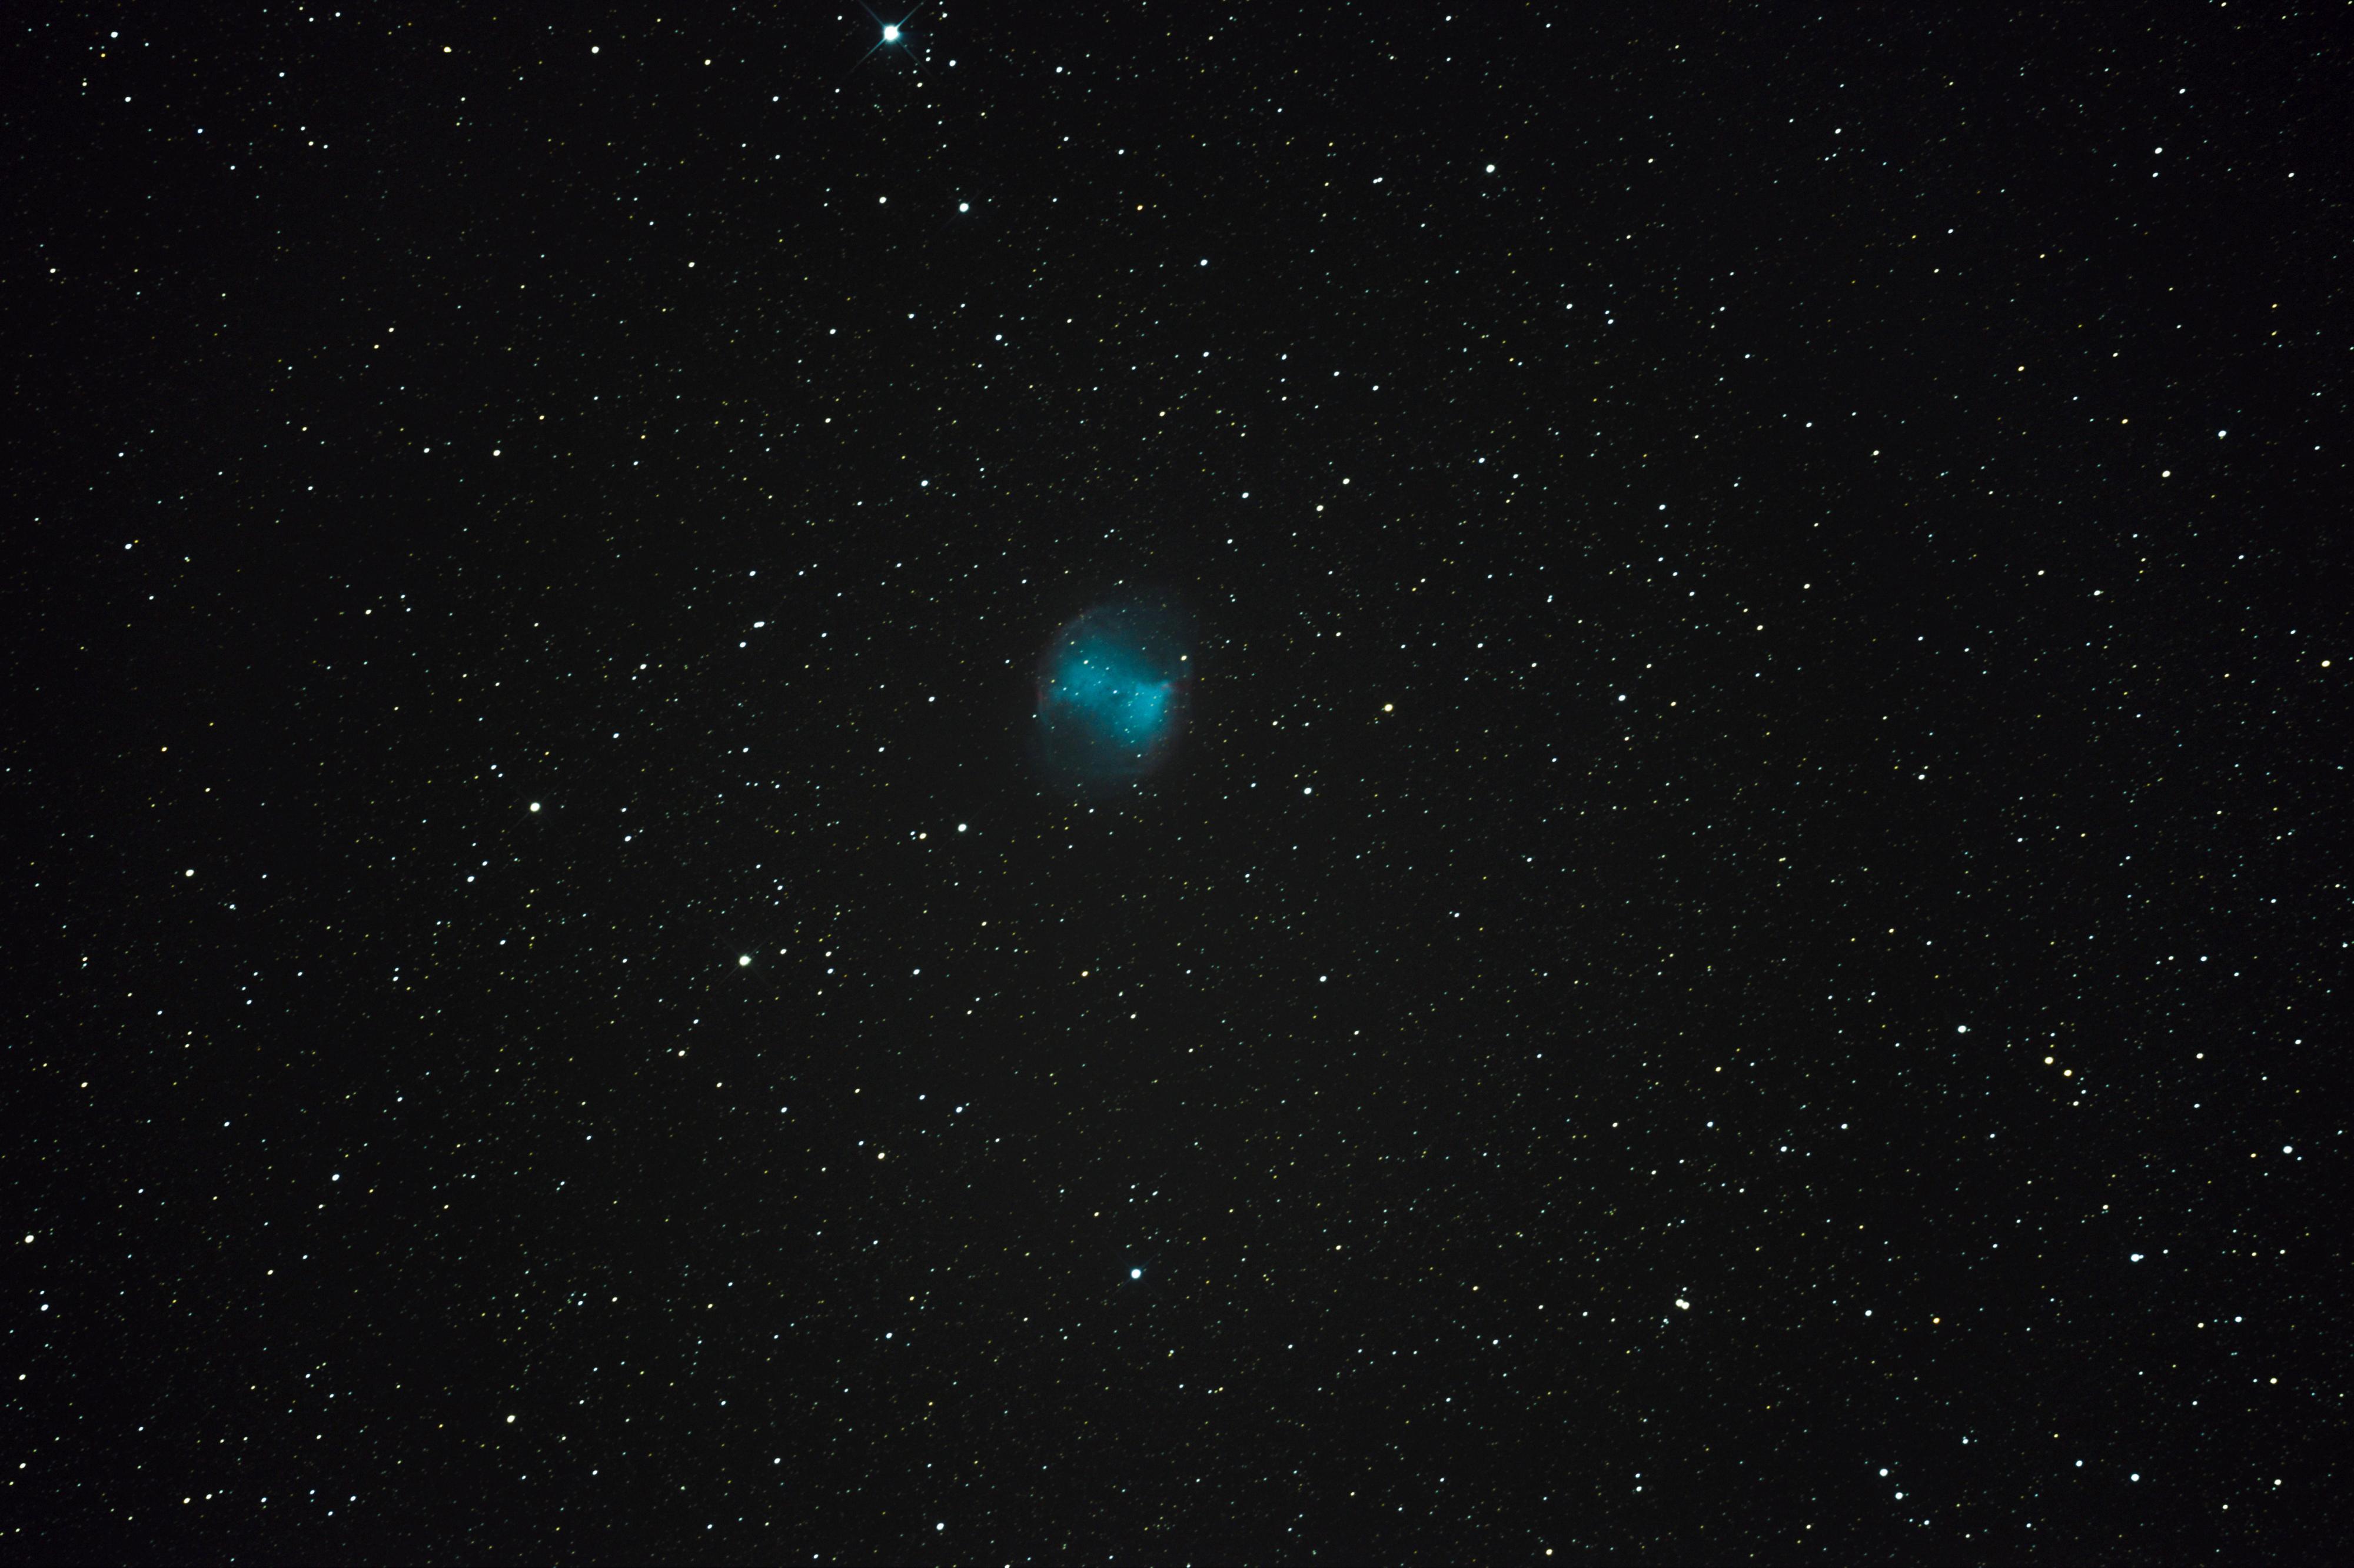 Nébuleuse de l'Haltère - Messier 27